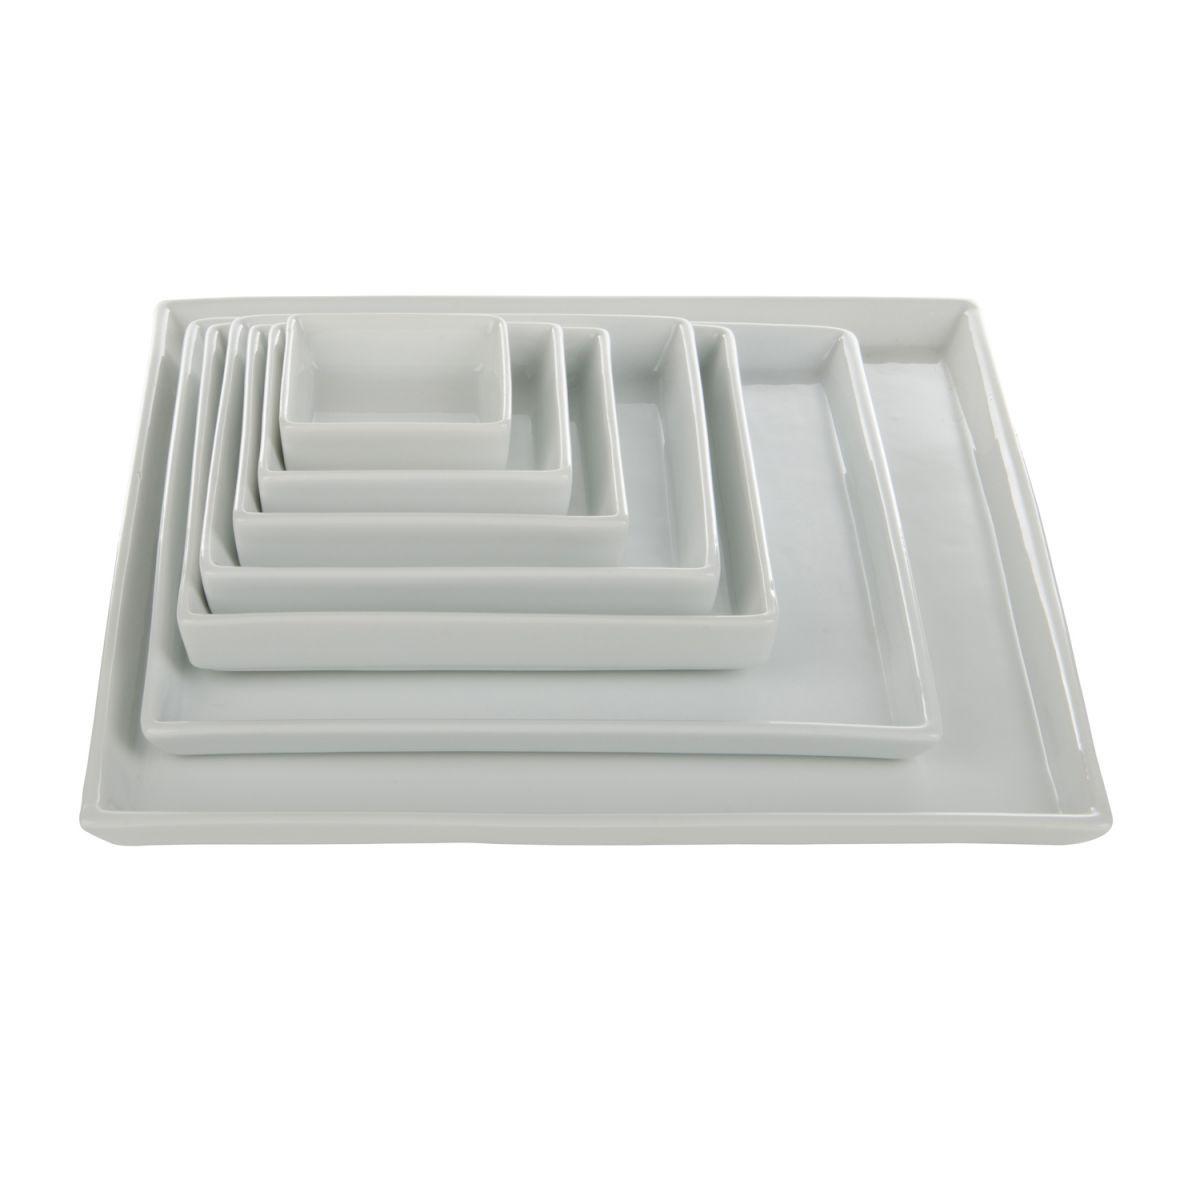 plate square border 20x20 box6